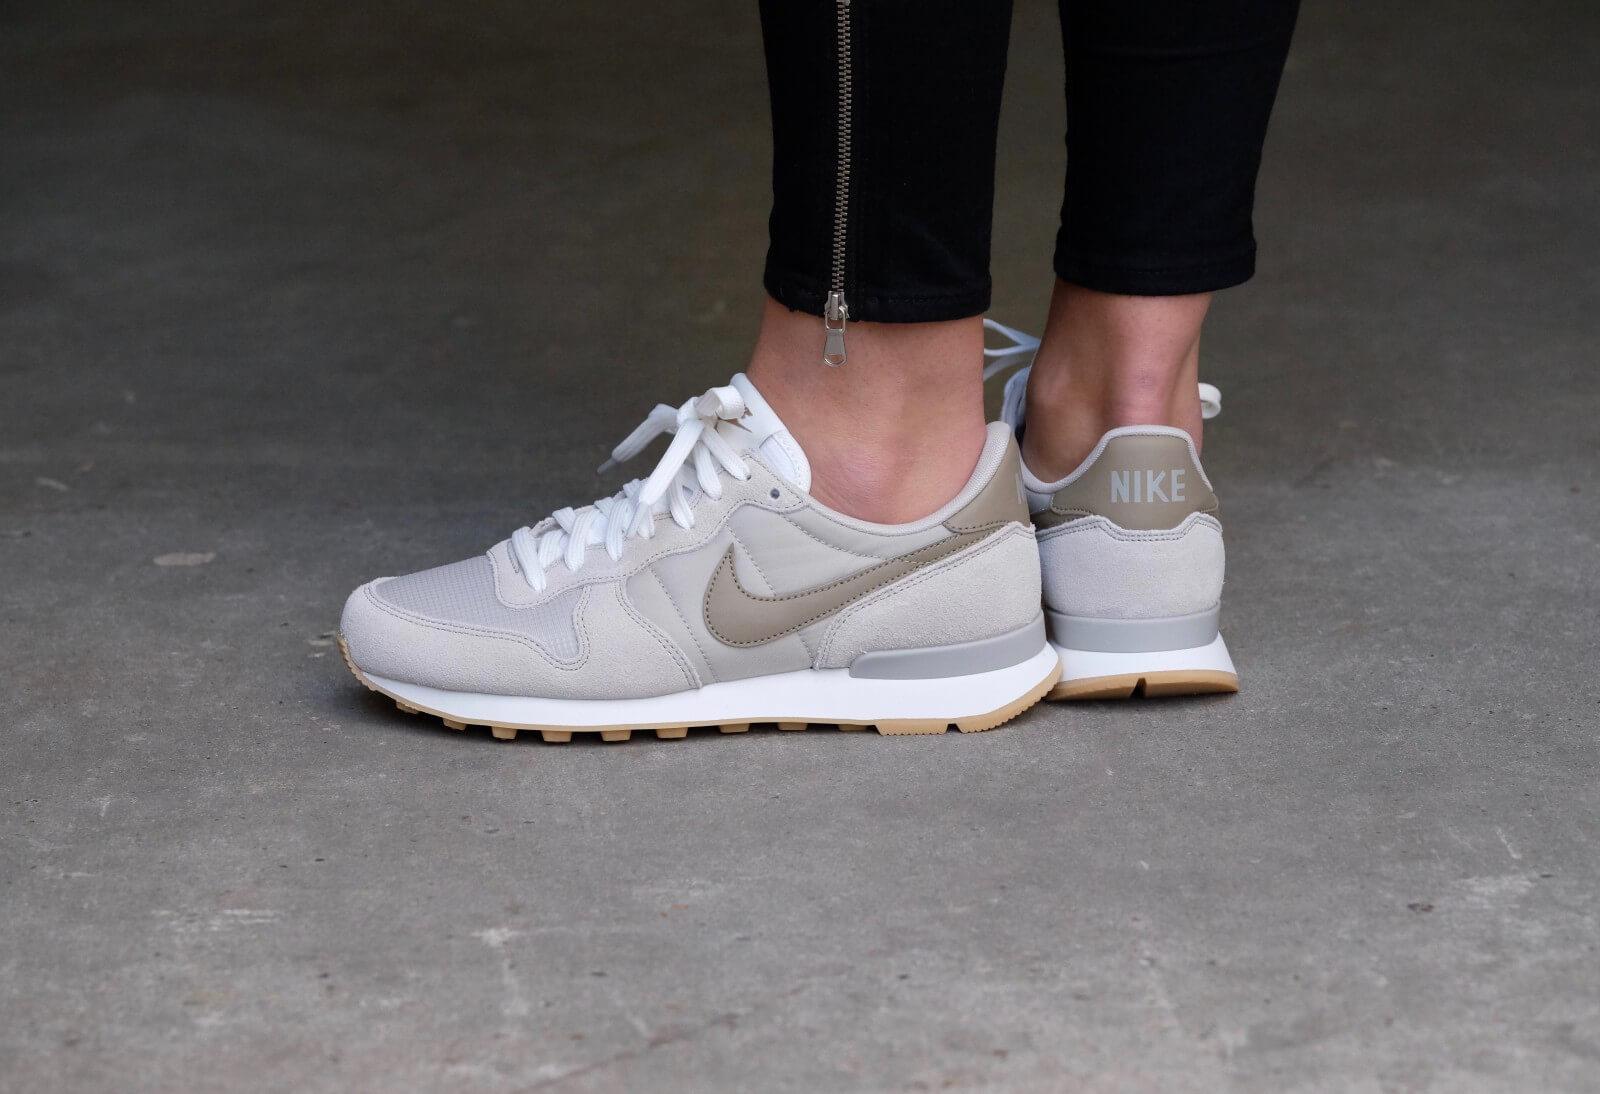 Nike WMNS Internationalist Pale GreyKhaki Summit White 828407 012